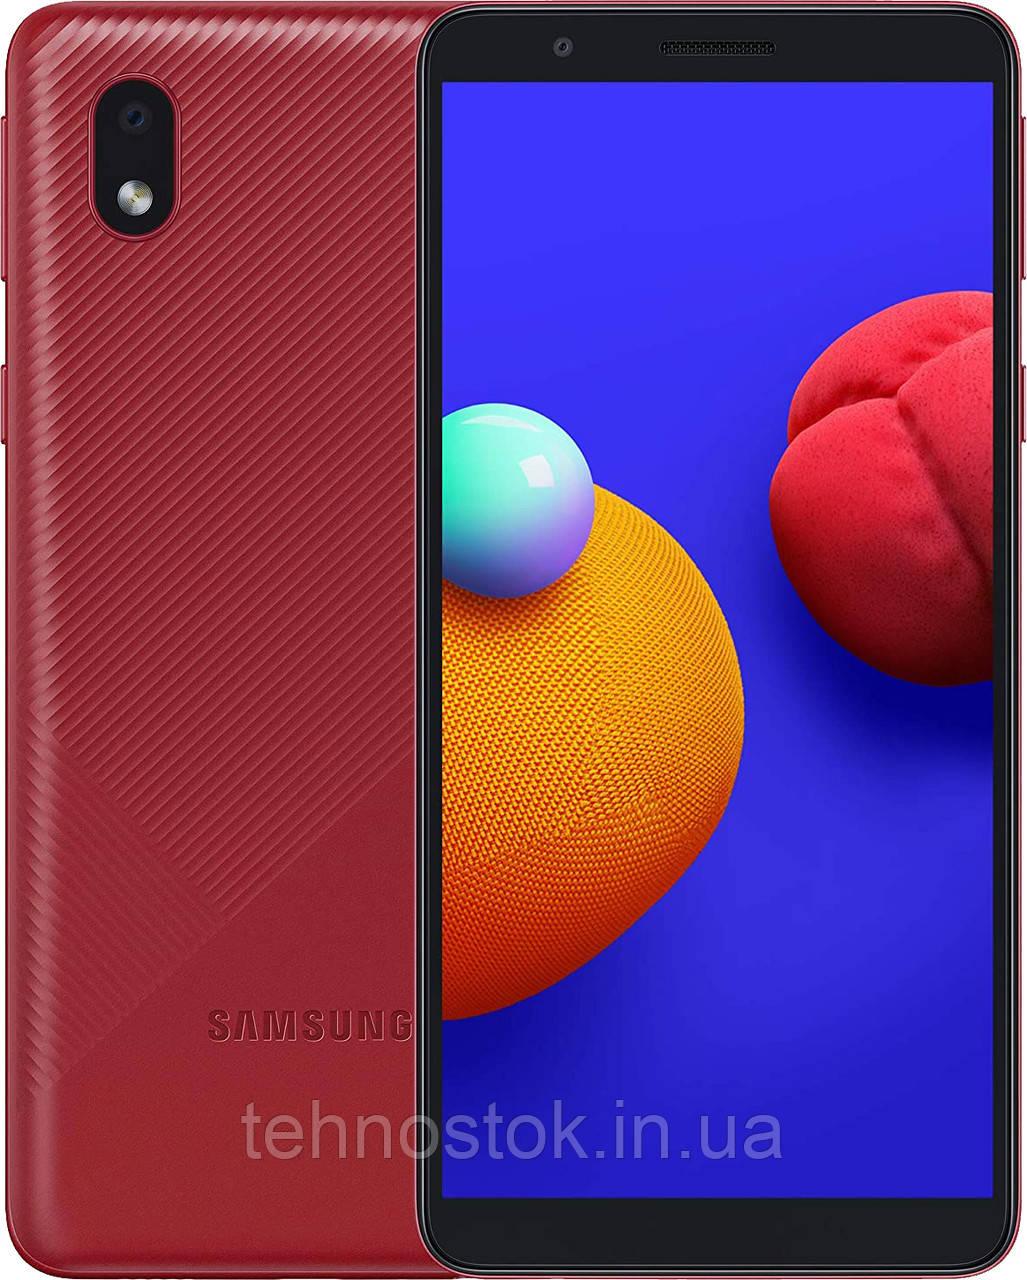 Samsung Galaxy A01 Core 1/16GB Red (SM-A013FZRD)